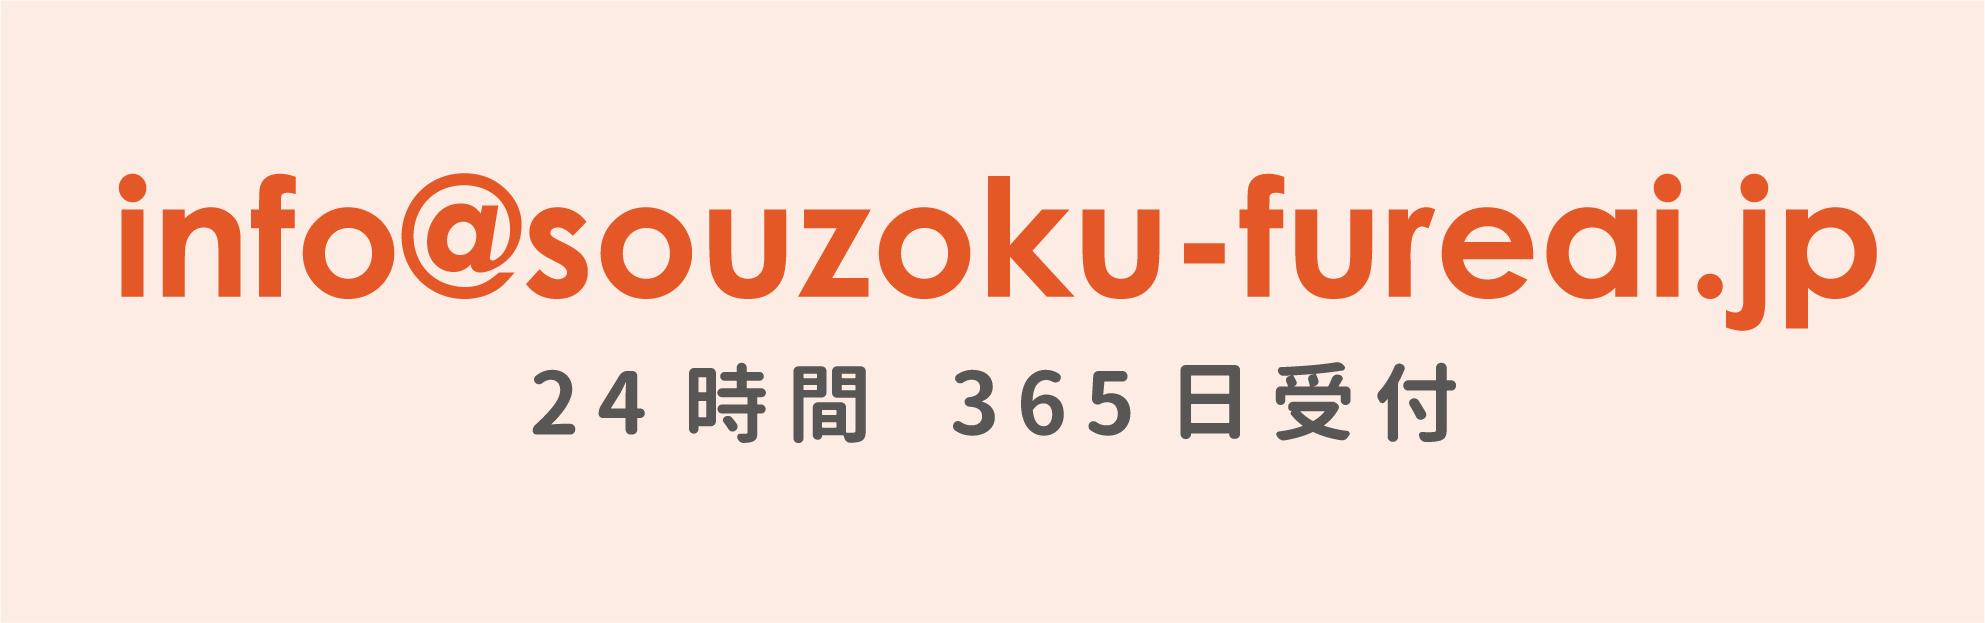 メール:info@souzoku-fureai.jp